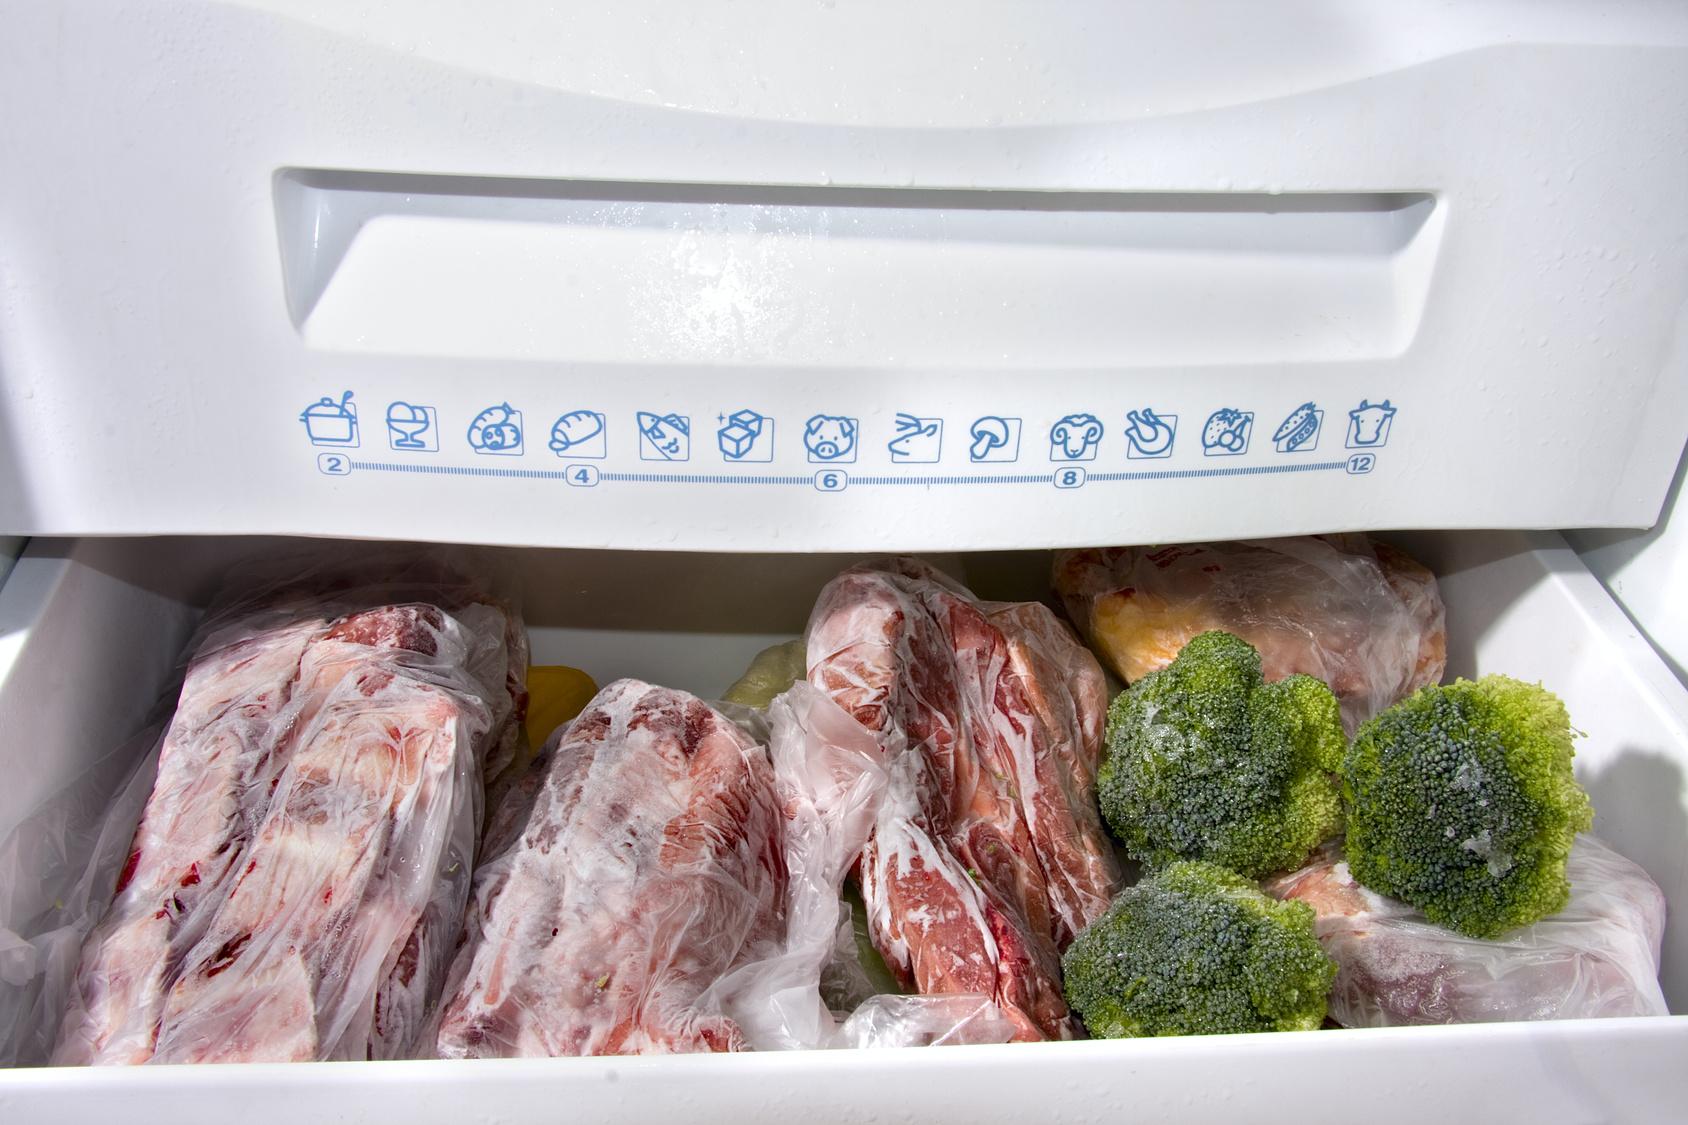 Aeg Kühlschrank Abtauen : Gefrierschrank abtauen u2013 gefrierfach abtauen anleitung